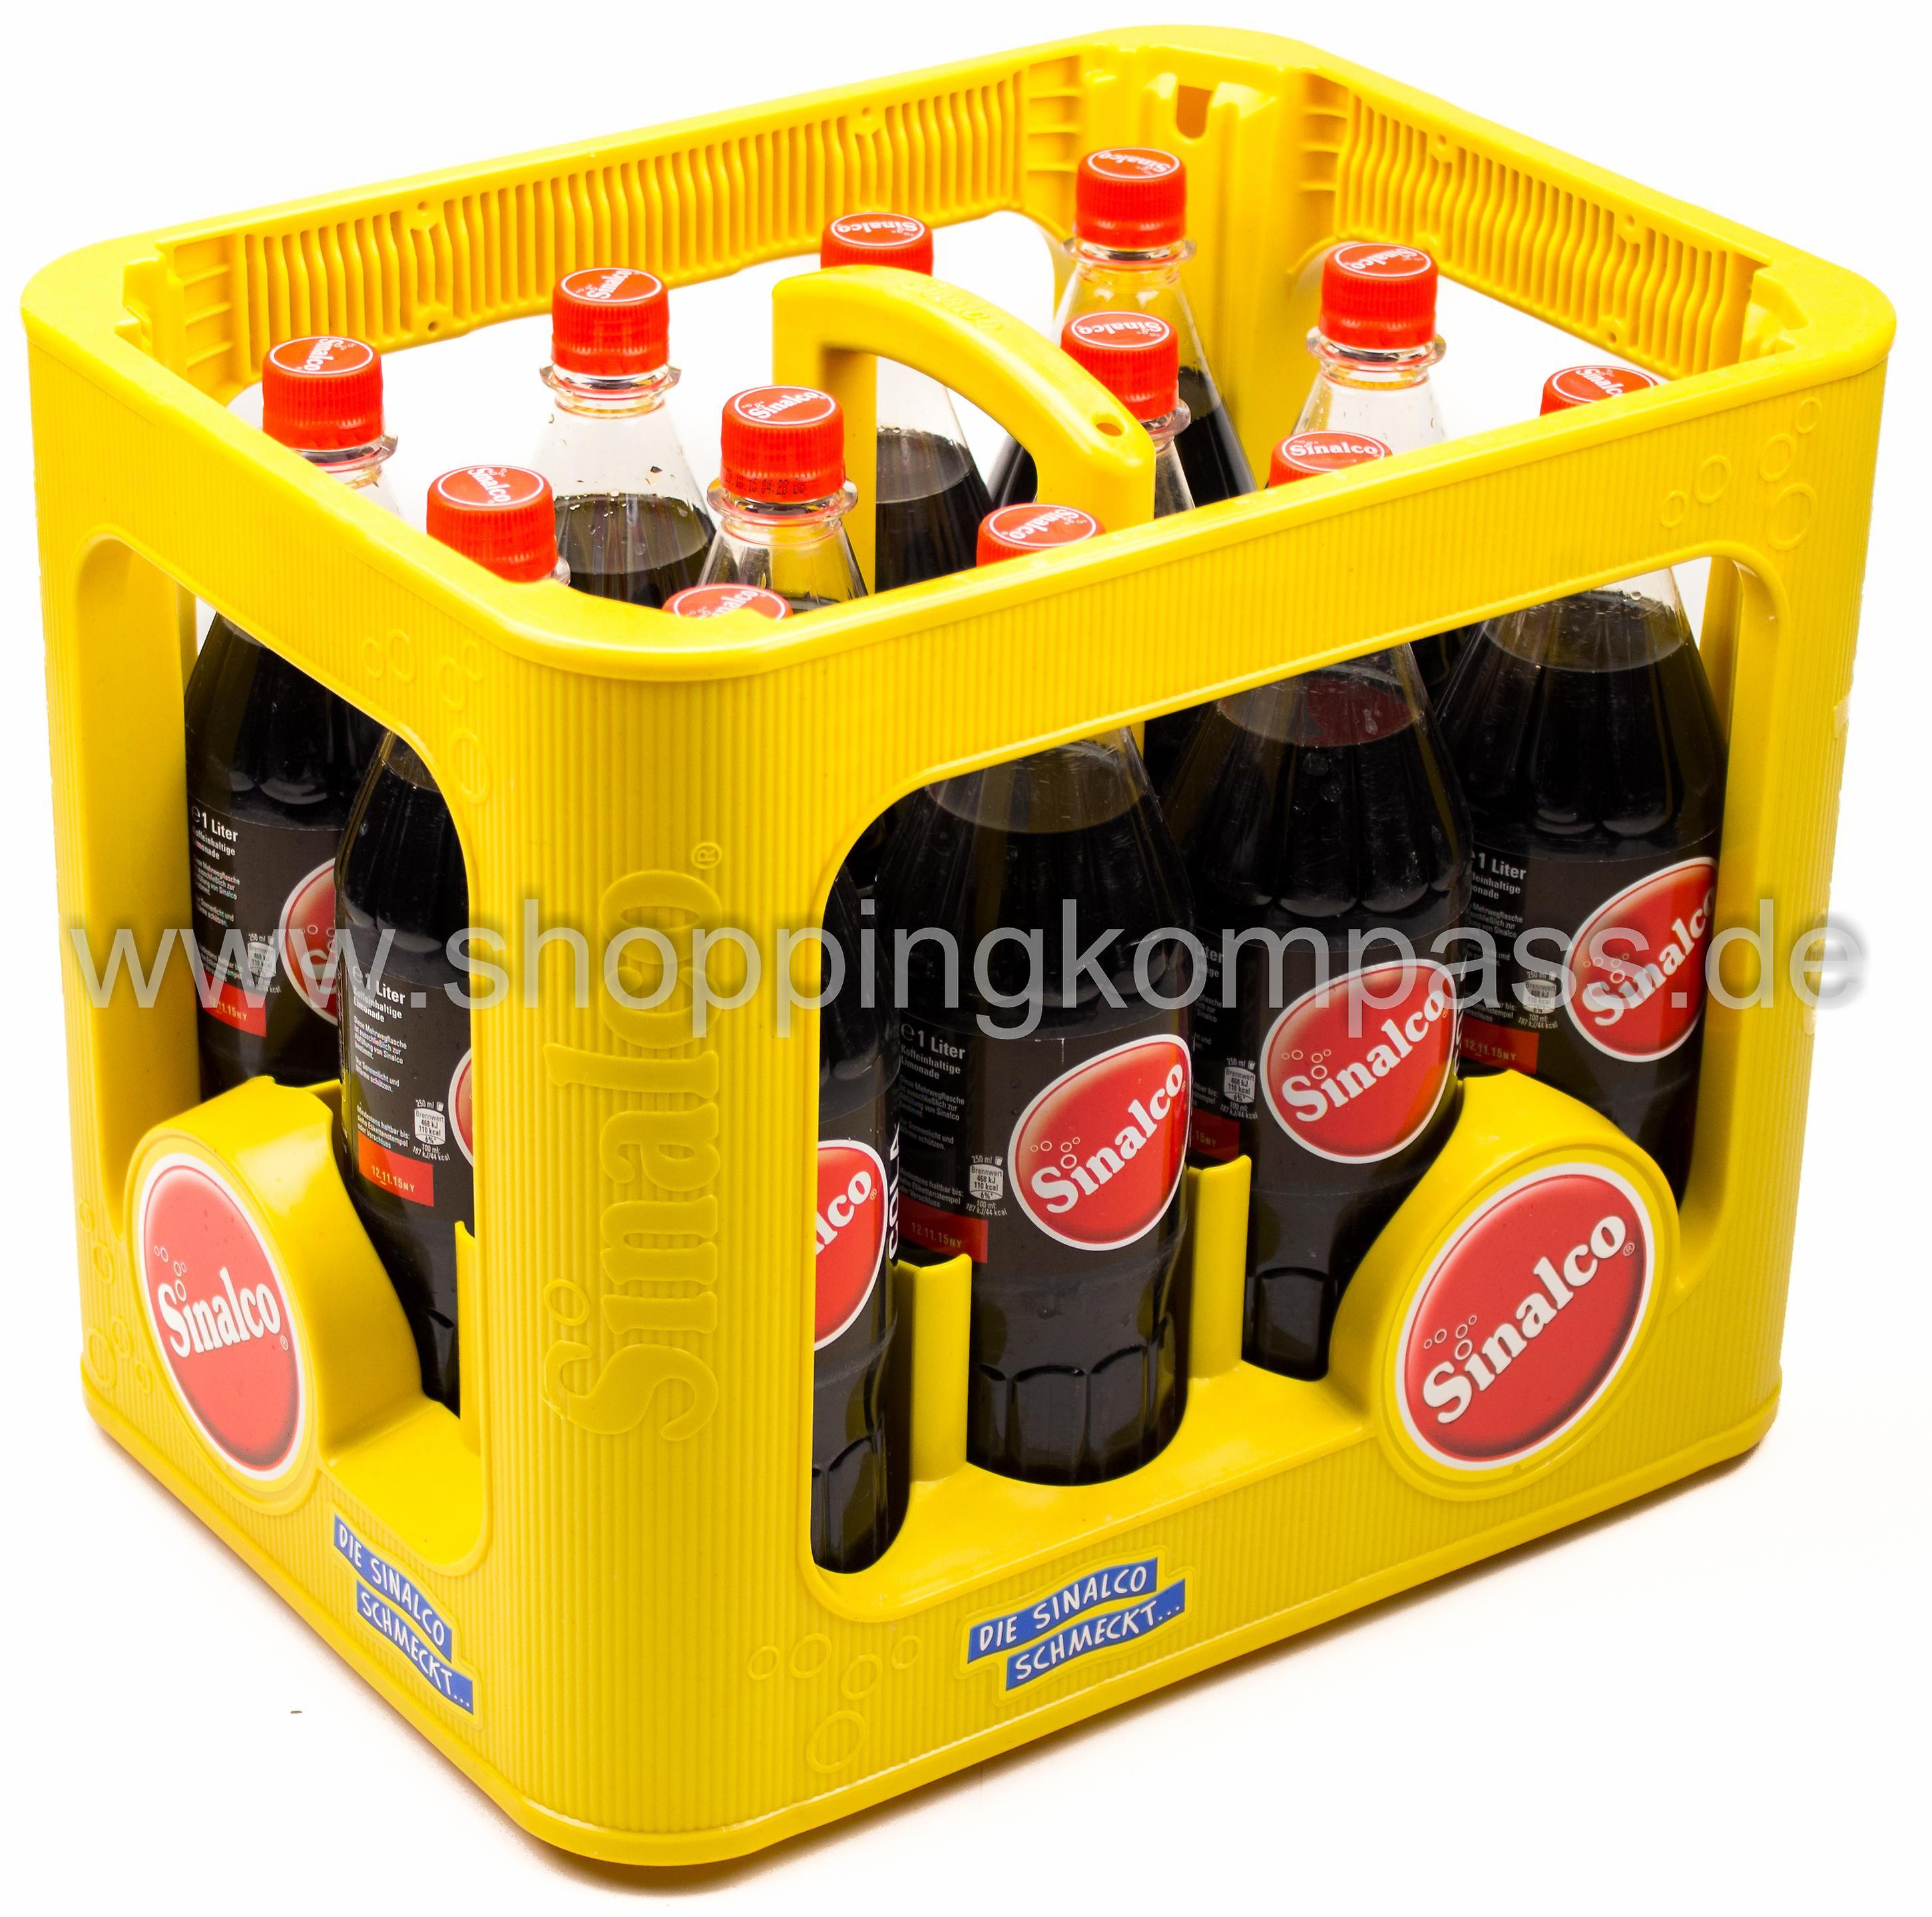 Sinalco Cola Kasten 12 x 1 l PET MW